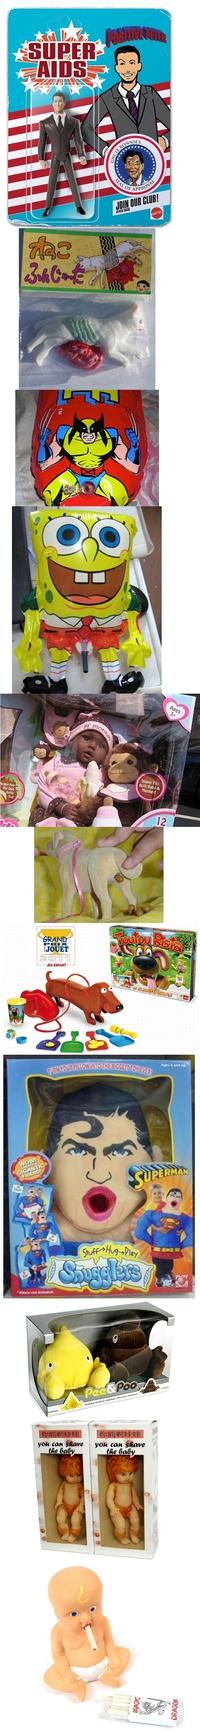 Mignons jouets pour enfance saine